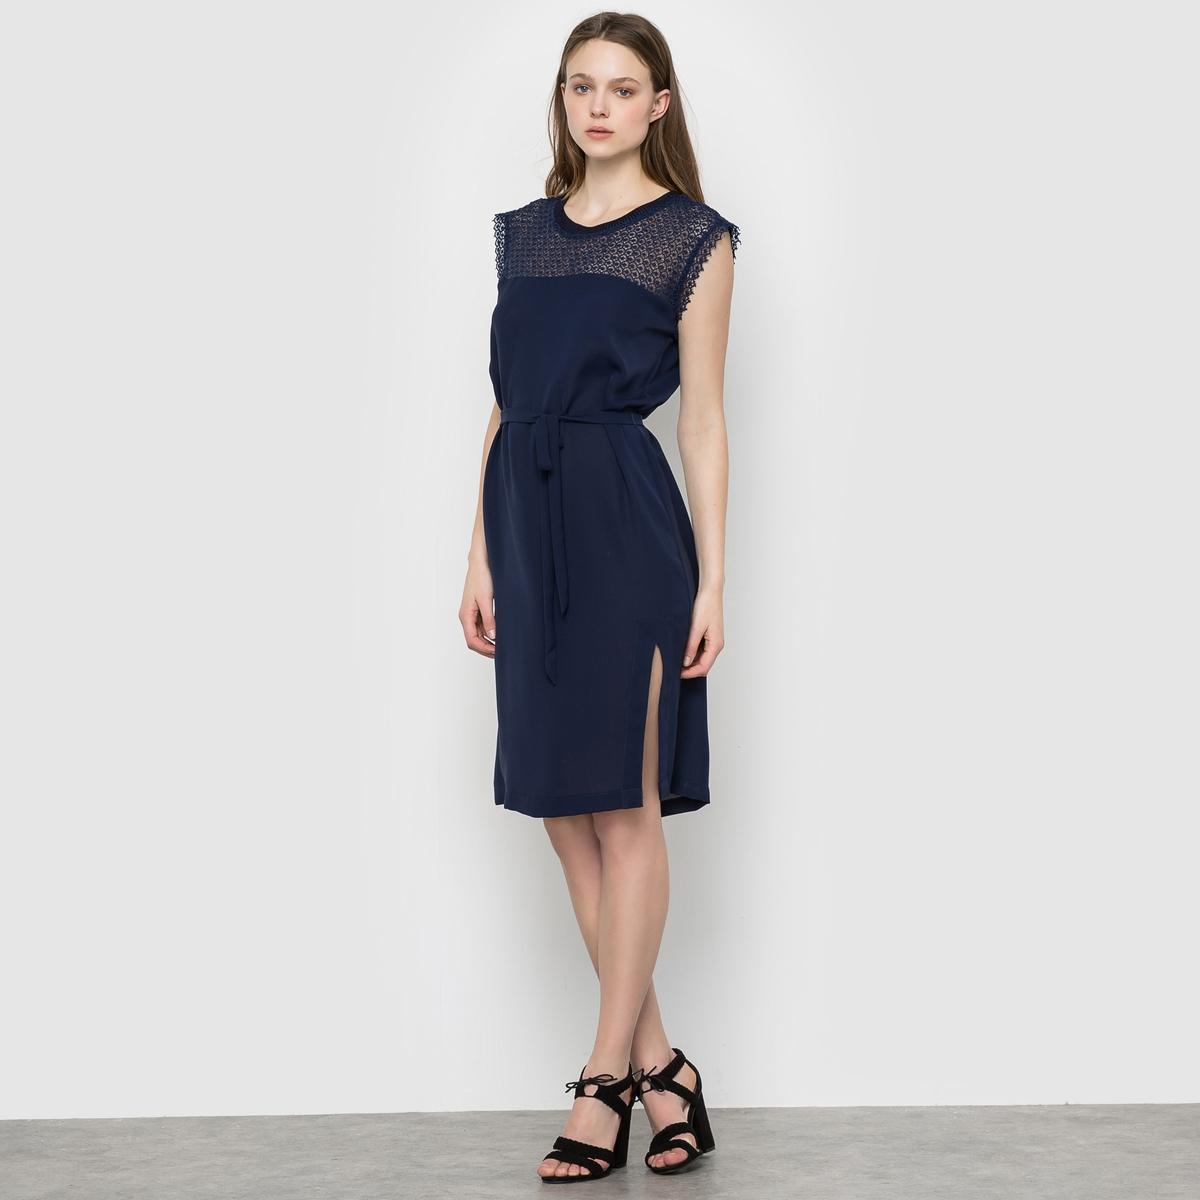 Платье с пышными рукавами SUNCOOСостав и описание:Материал: 97% полиэстера, 3% эластана. На подкладке из 100% полиэстера.Марка: SUNCOO.<br><br>Цвет: синий морской<br>Размер: XS